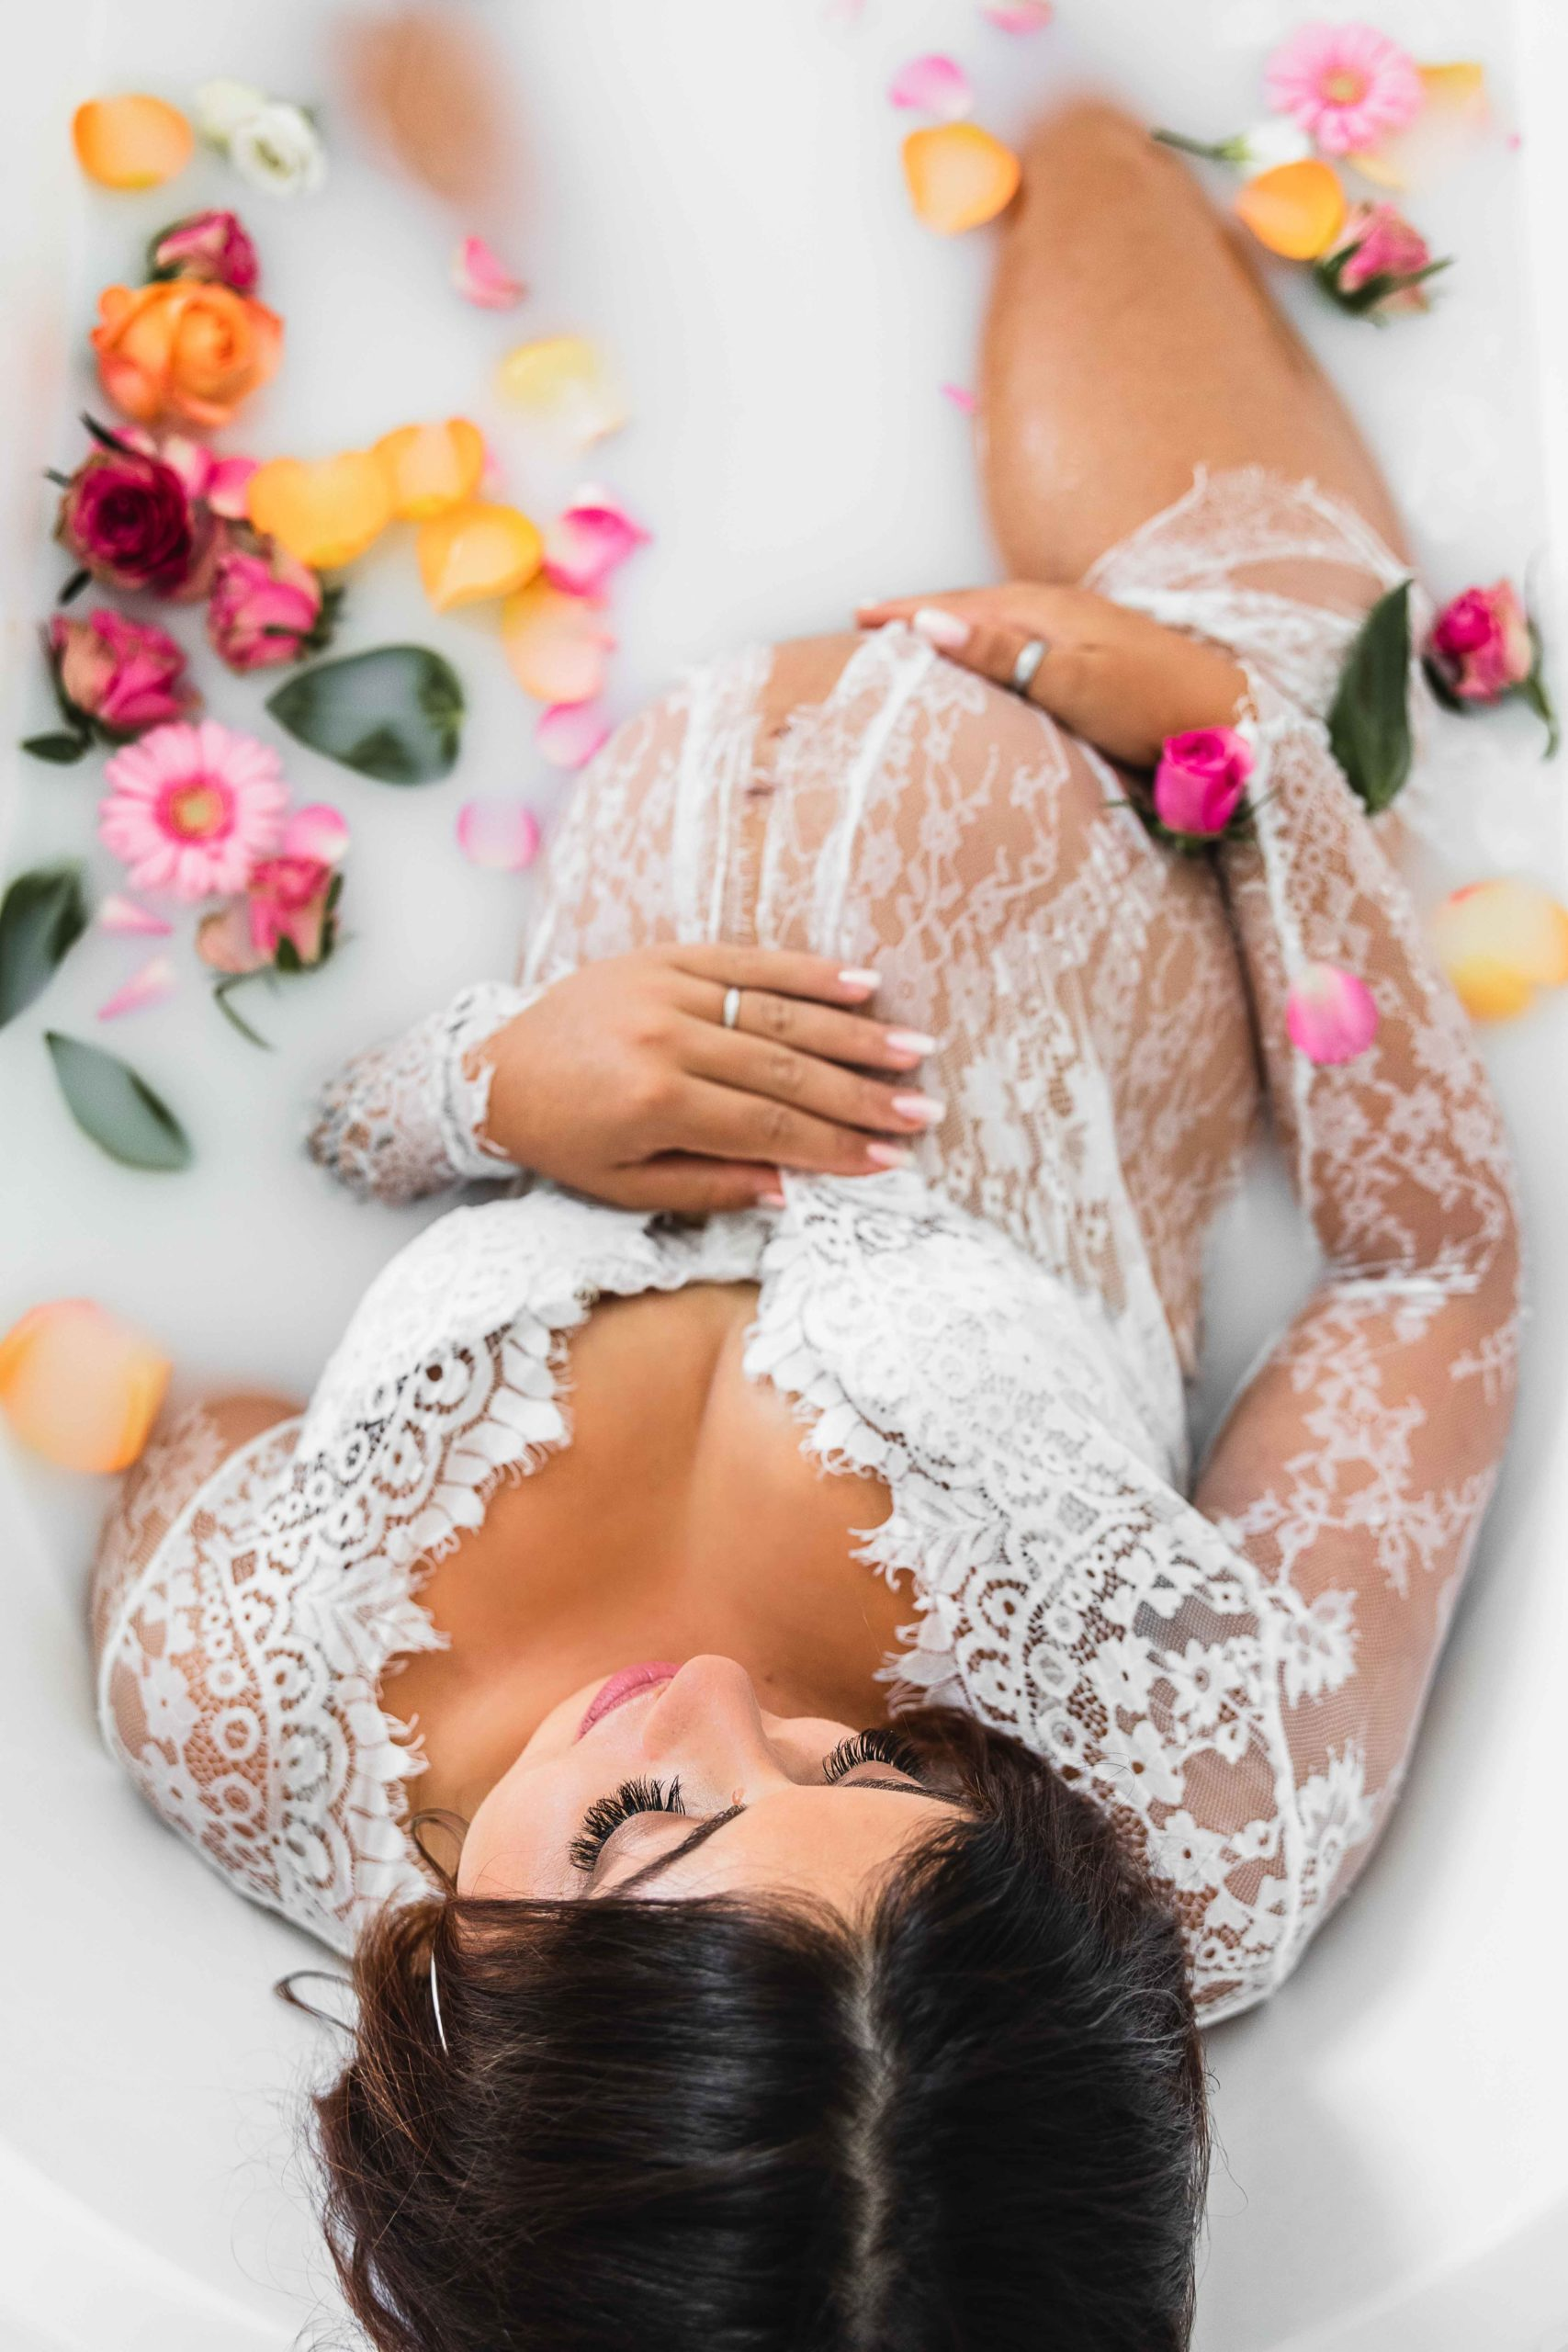 femme enceinte dans un bain de lait fleuri